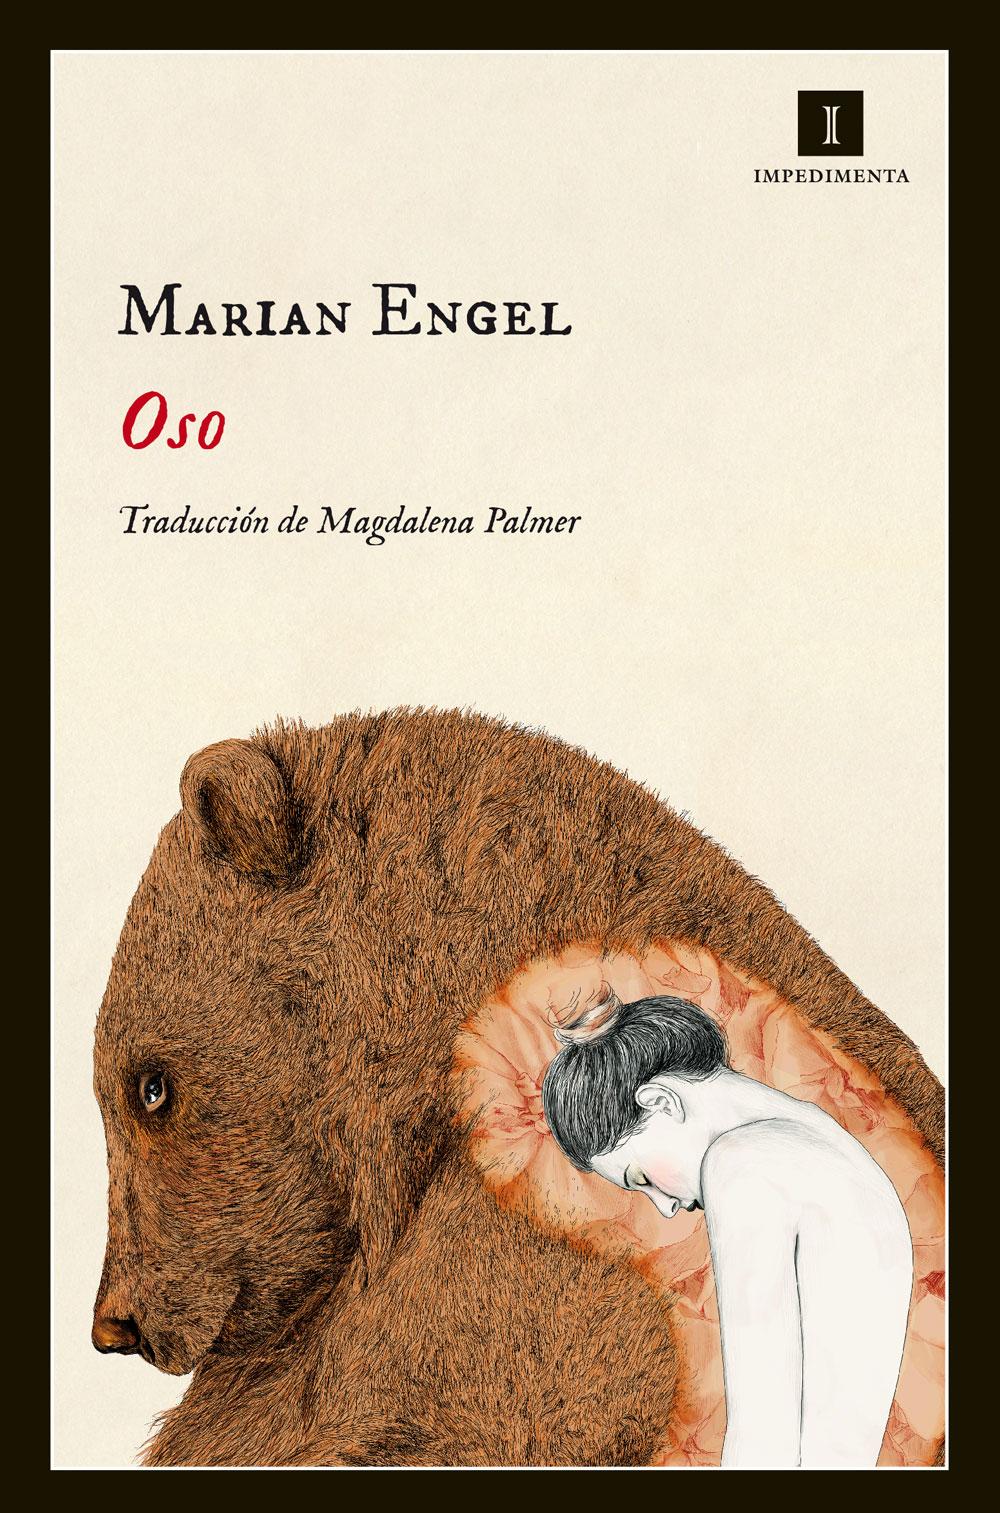 Portada de Oso, de Marian Engel, en Impedimenta